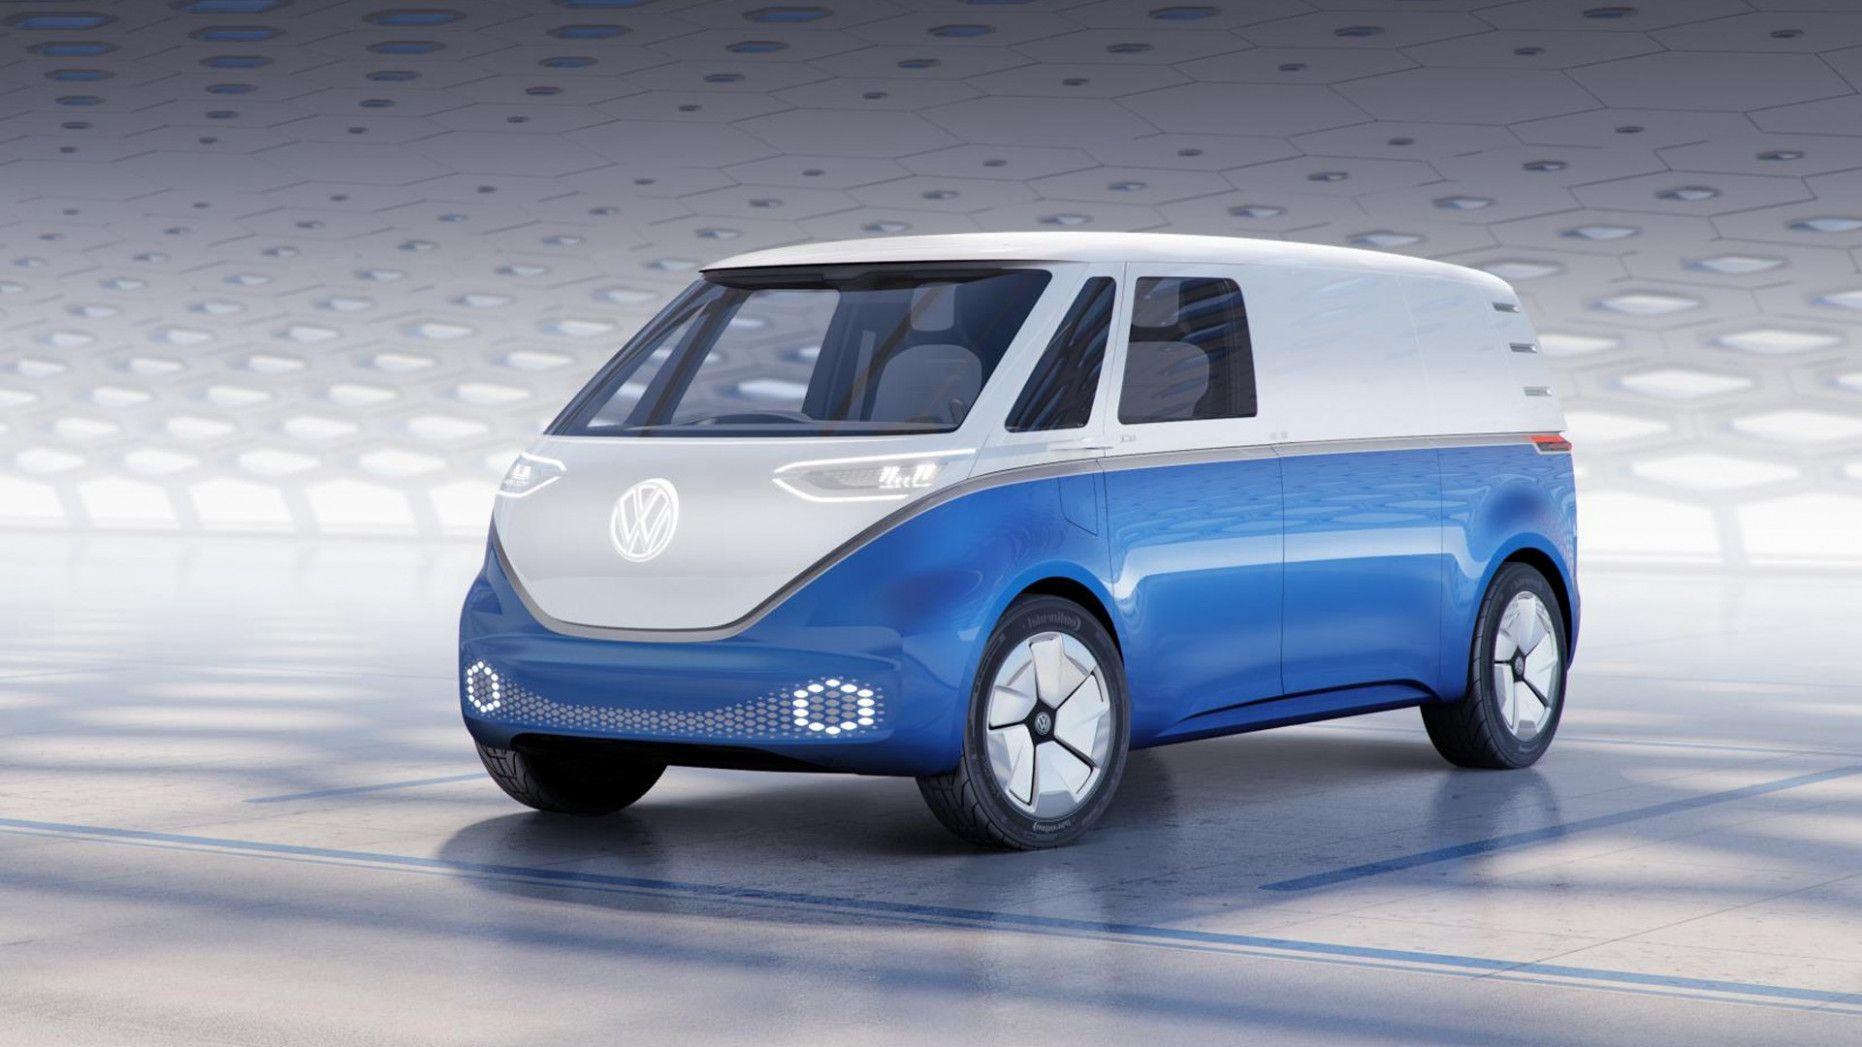 10 Great 2020 Volkswagen Van Commercial Ideas That You Can Share With Your Friends Volkswagen Van Volkswagen Bus Volkswagen